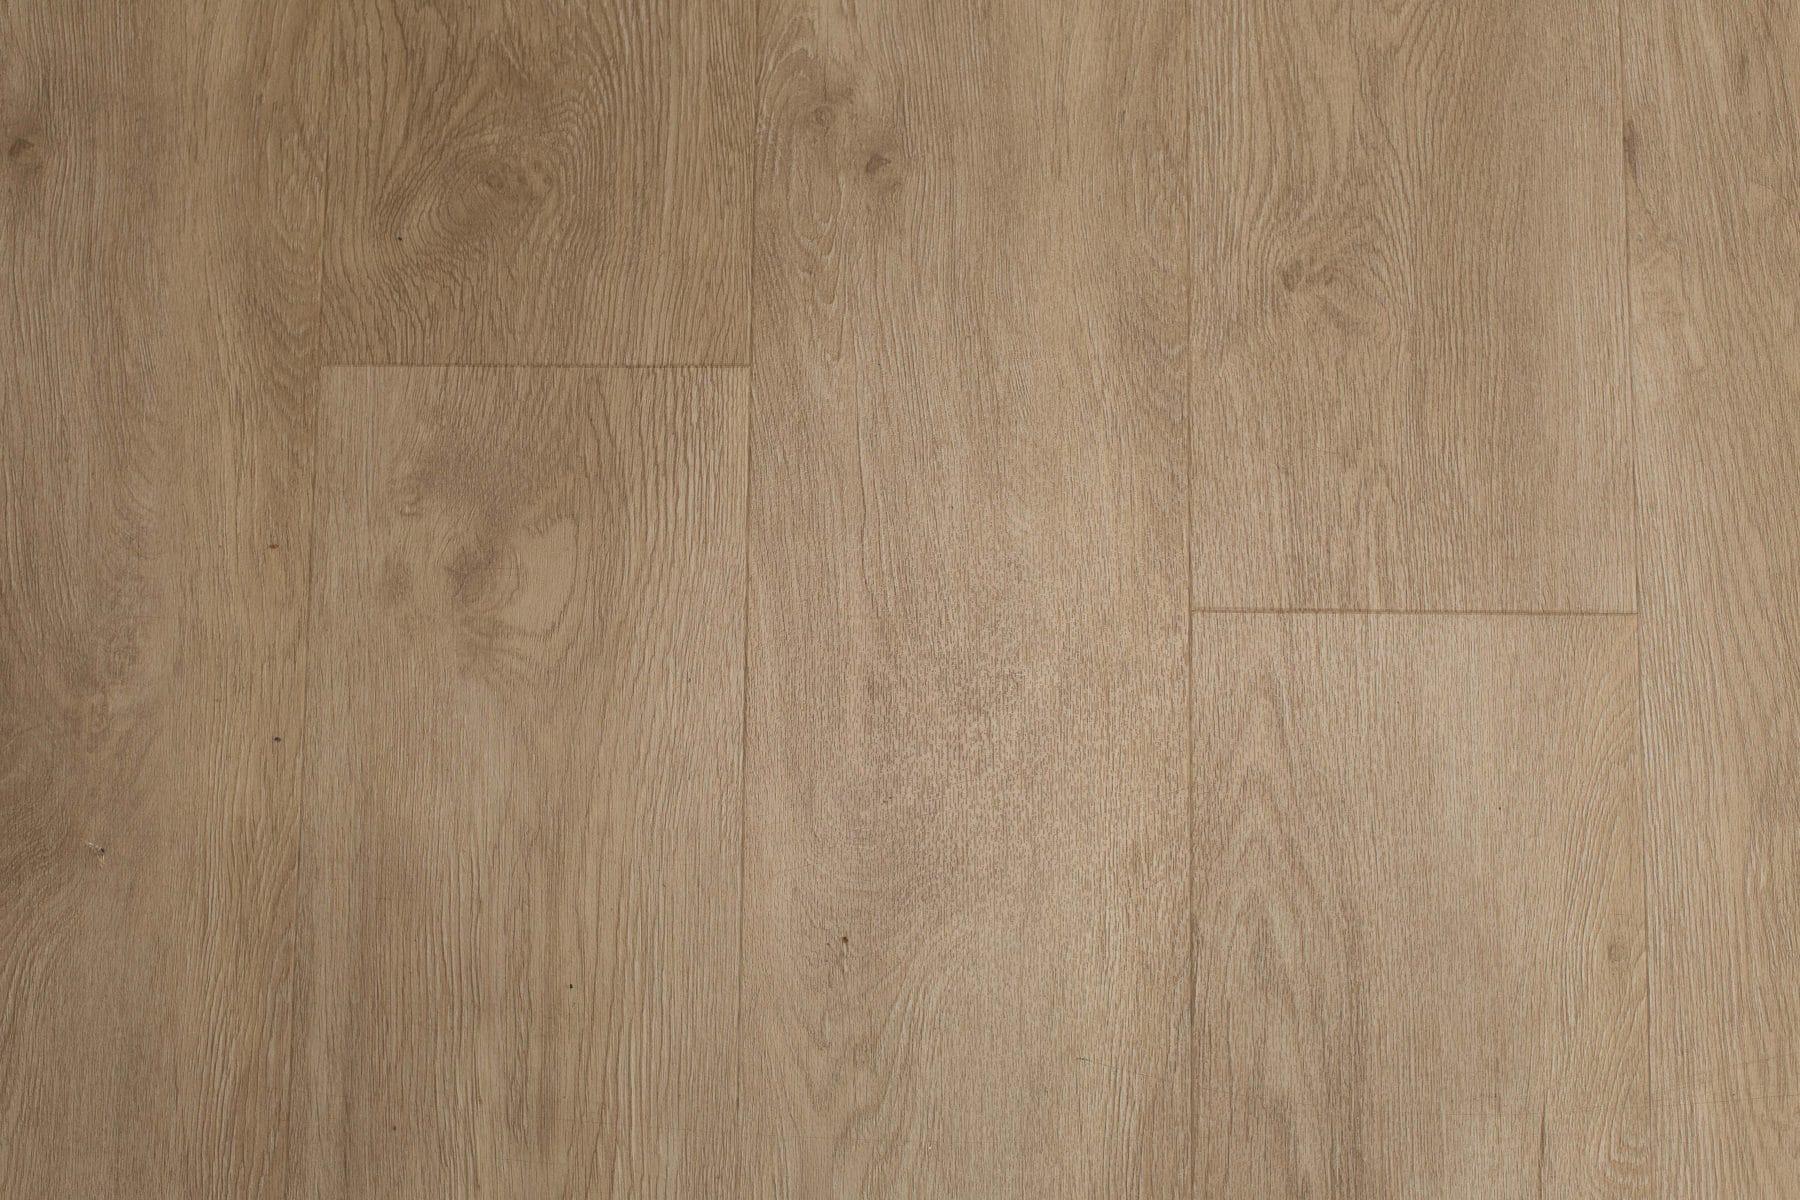 Hard Wearing Kitchen Vinyl Flooring